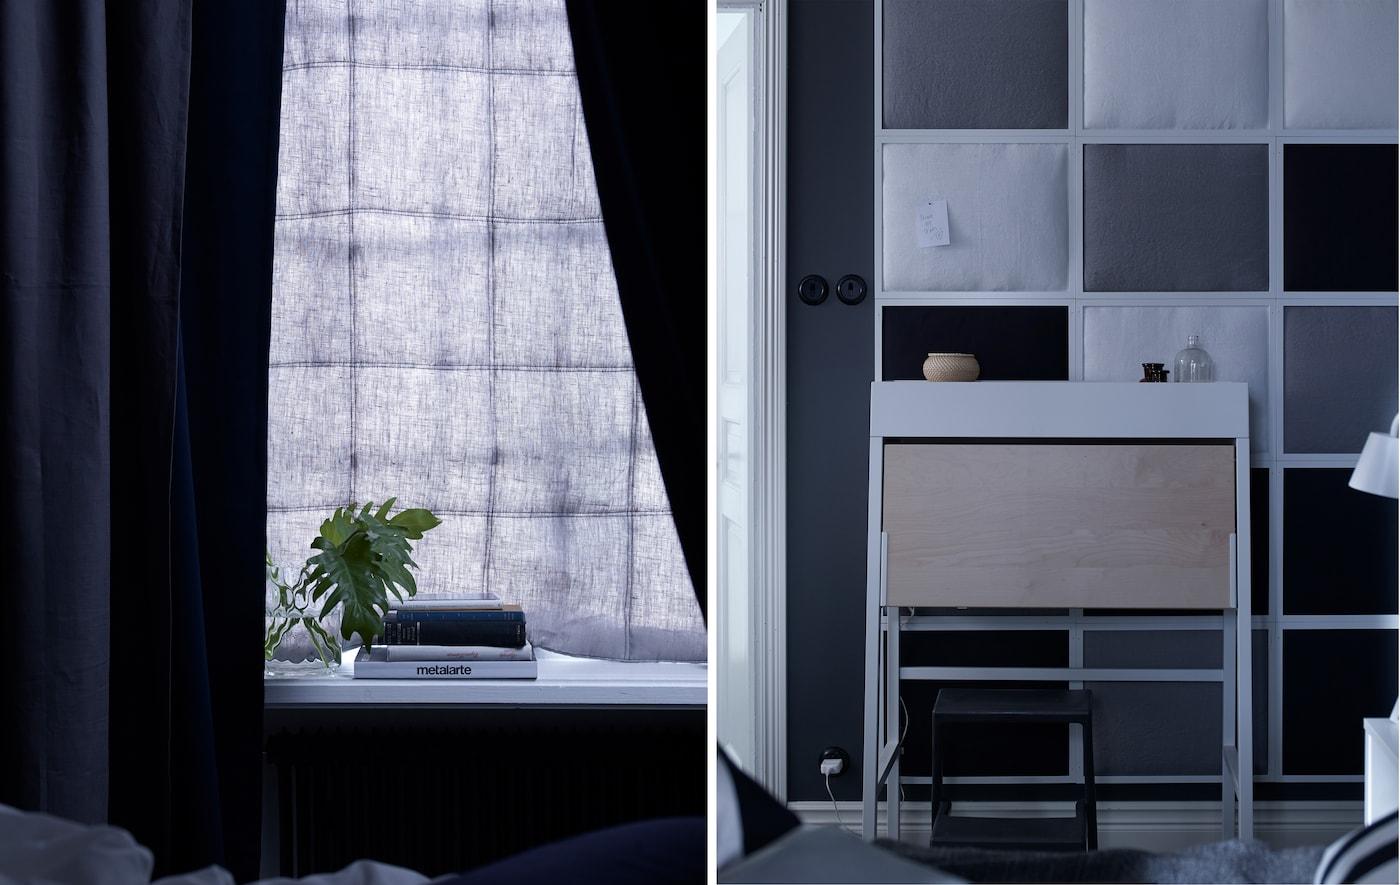 Una cortina delante de una ventana y una pared fabricada con marcos de fotos rellenos de tejido. Ambos son ejemplos de insonorización de un dormitorio.